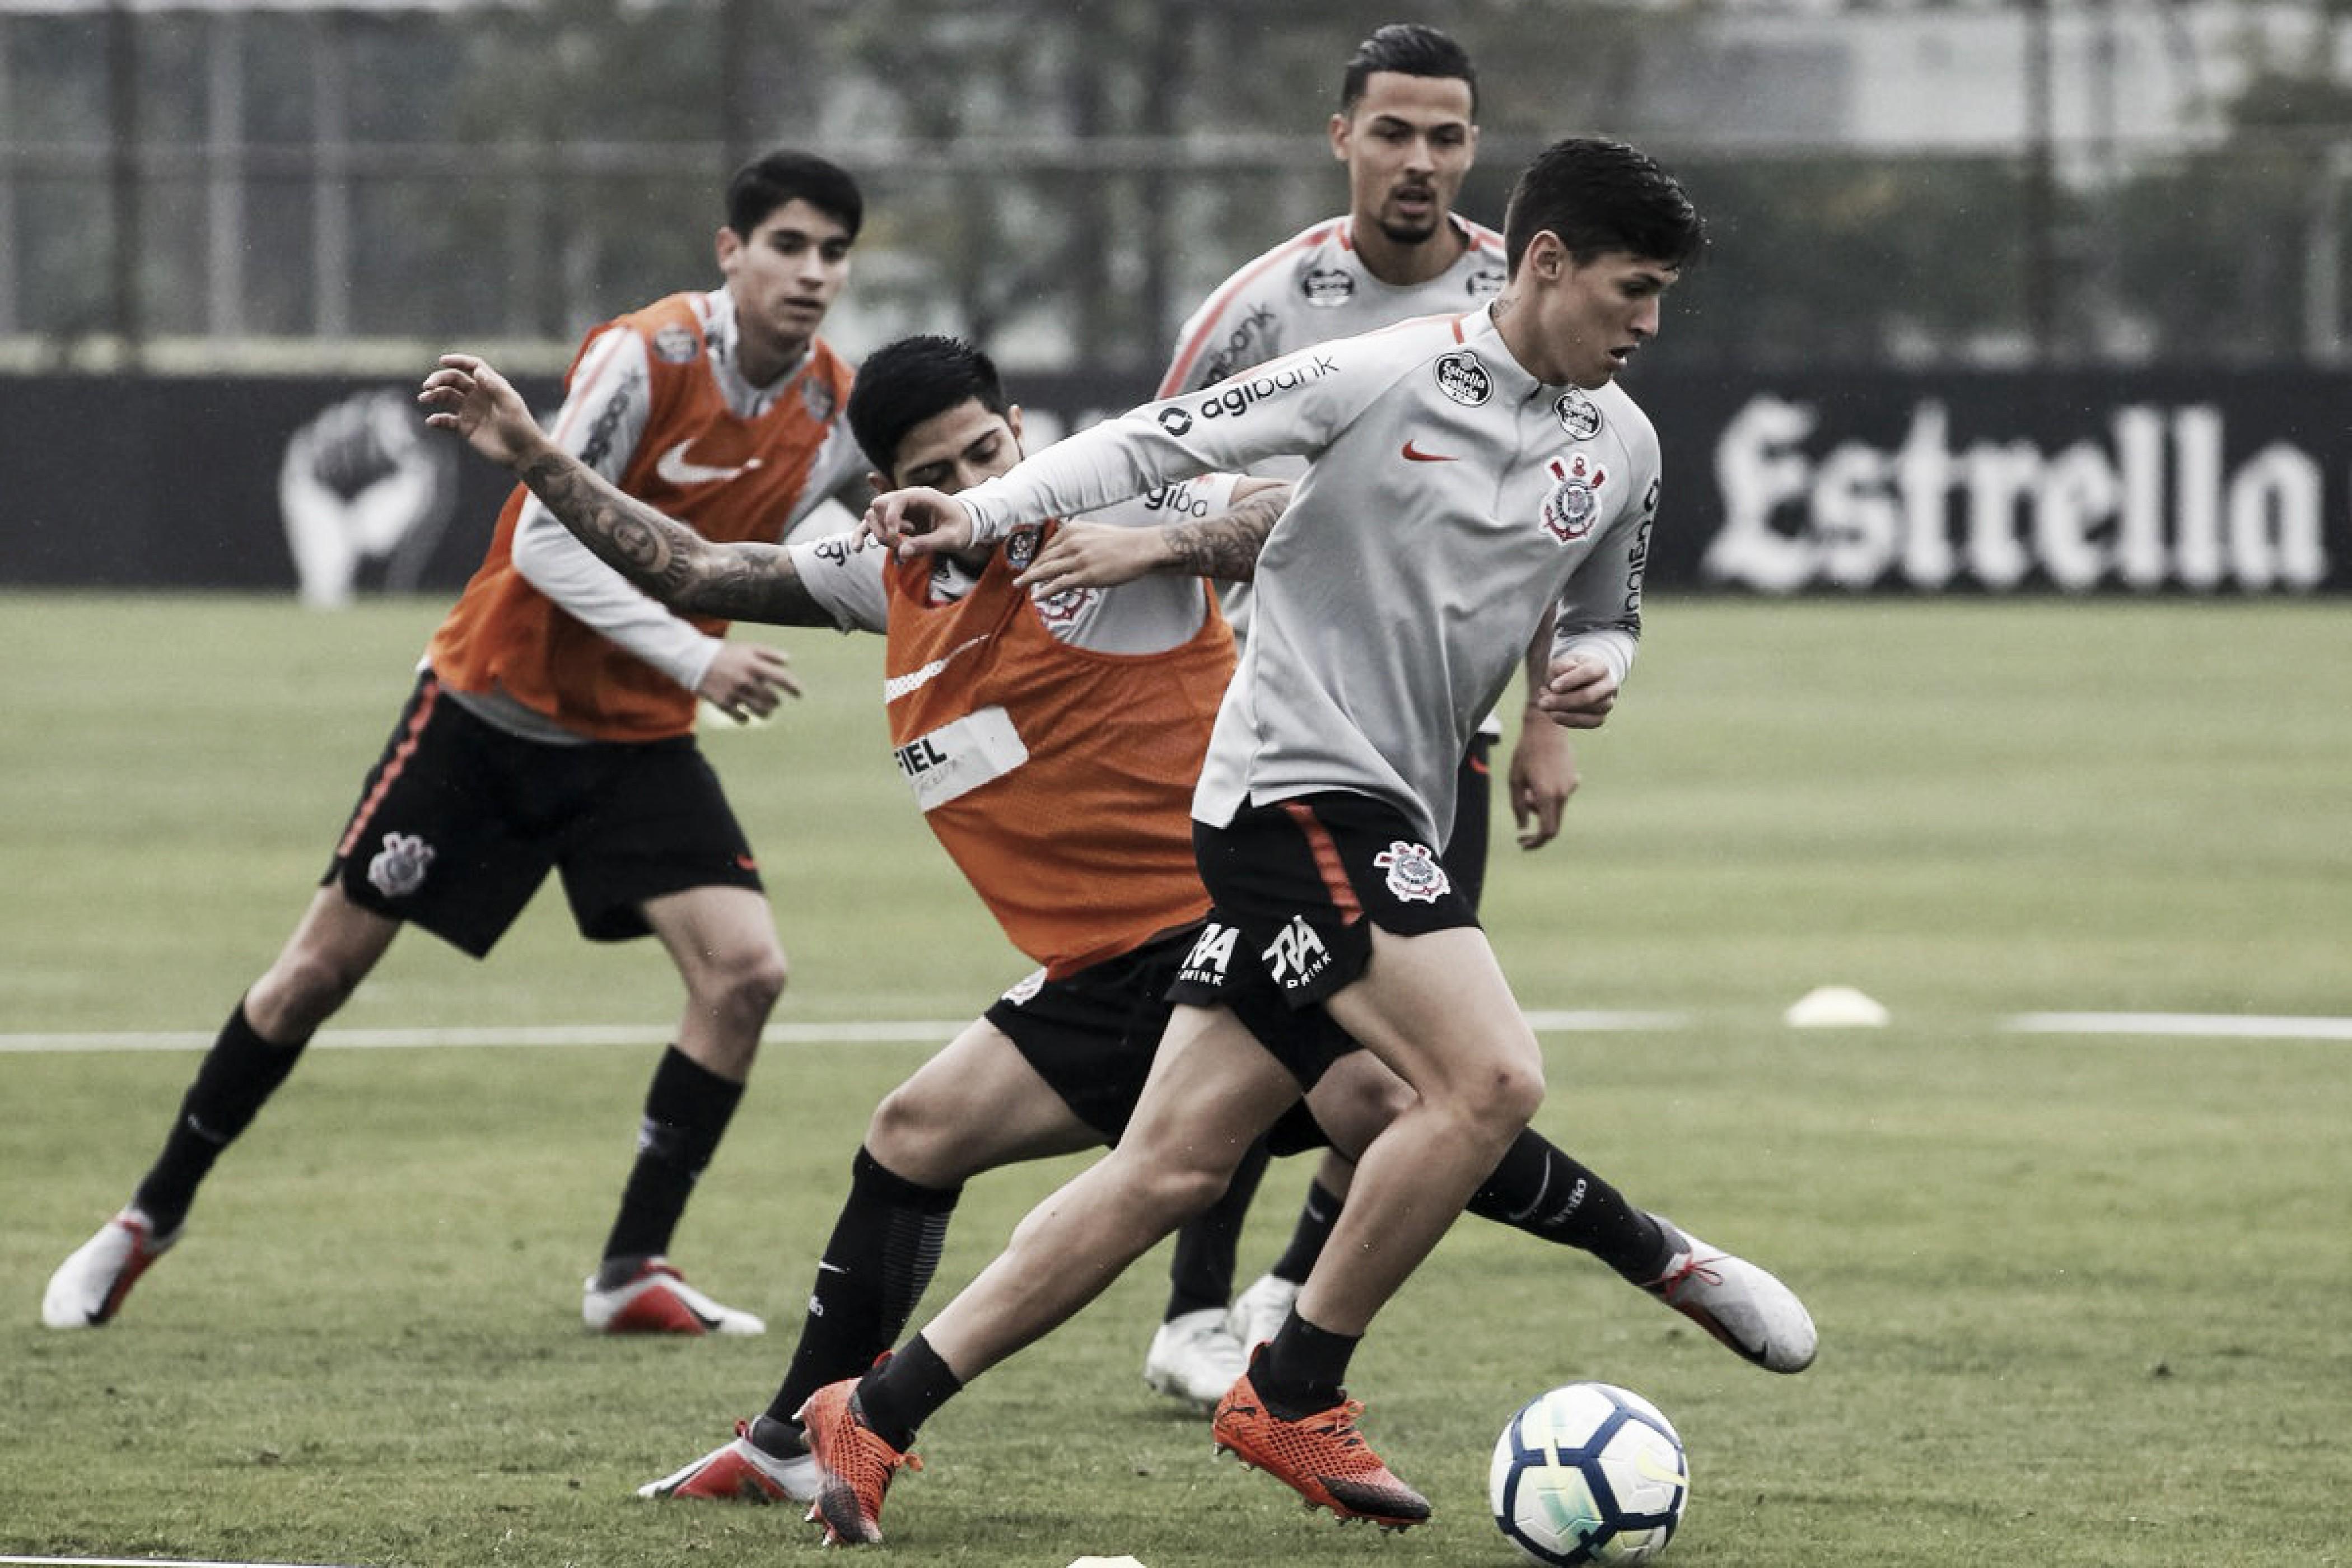 Corinthians recebe Sport em busca da vitória para subir na tabela do Campeonato Brasileiro